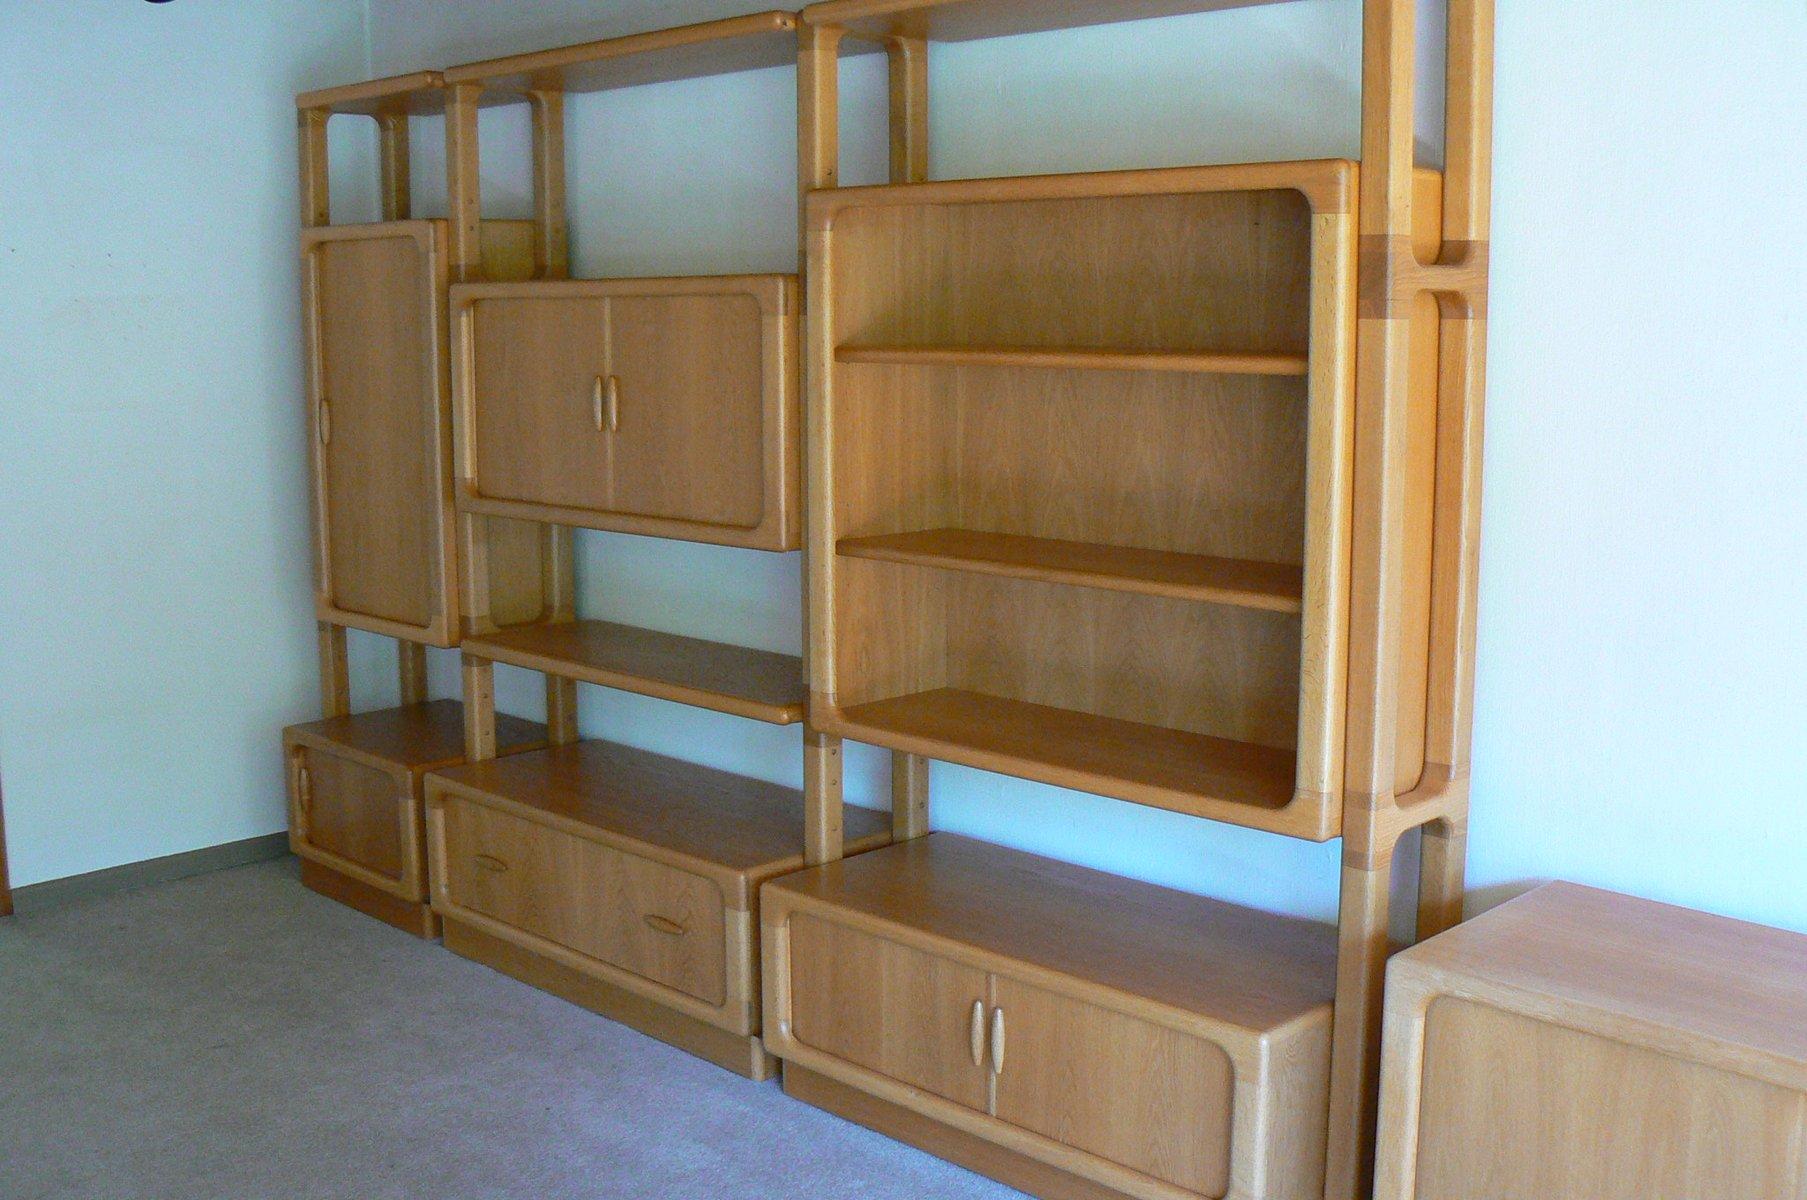 gro es eichenholz wandregal mit schiebet ren von dyrlund 1980er bei pamono kaufen. Black Bedroom Furniture Sets. Home Design Ideas